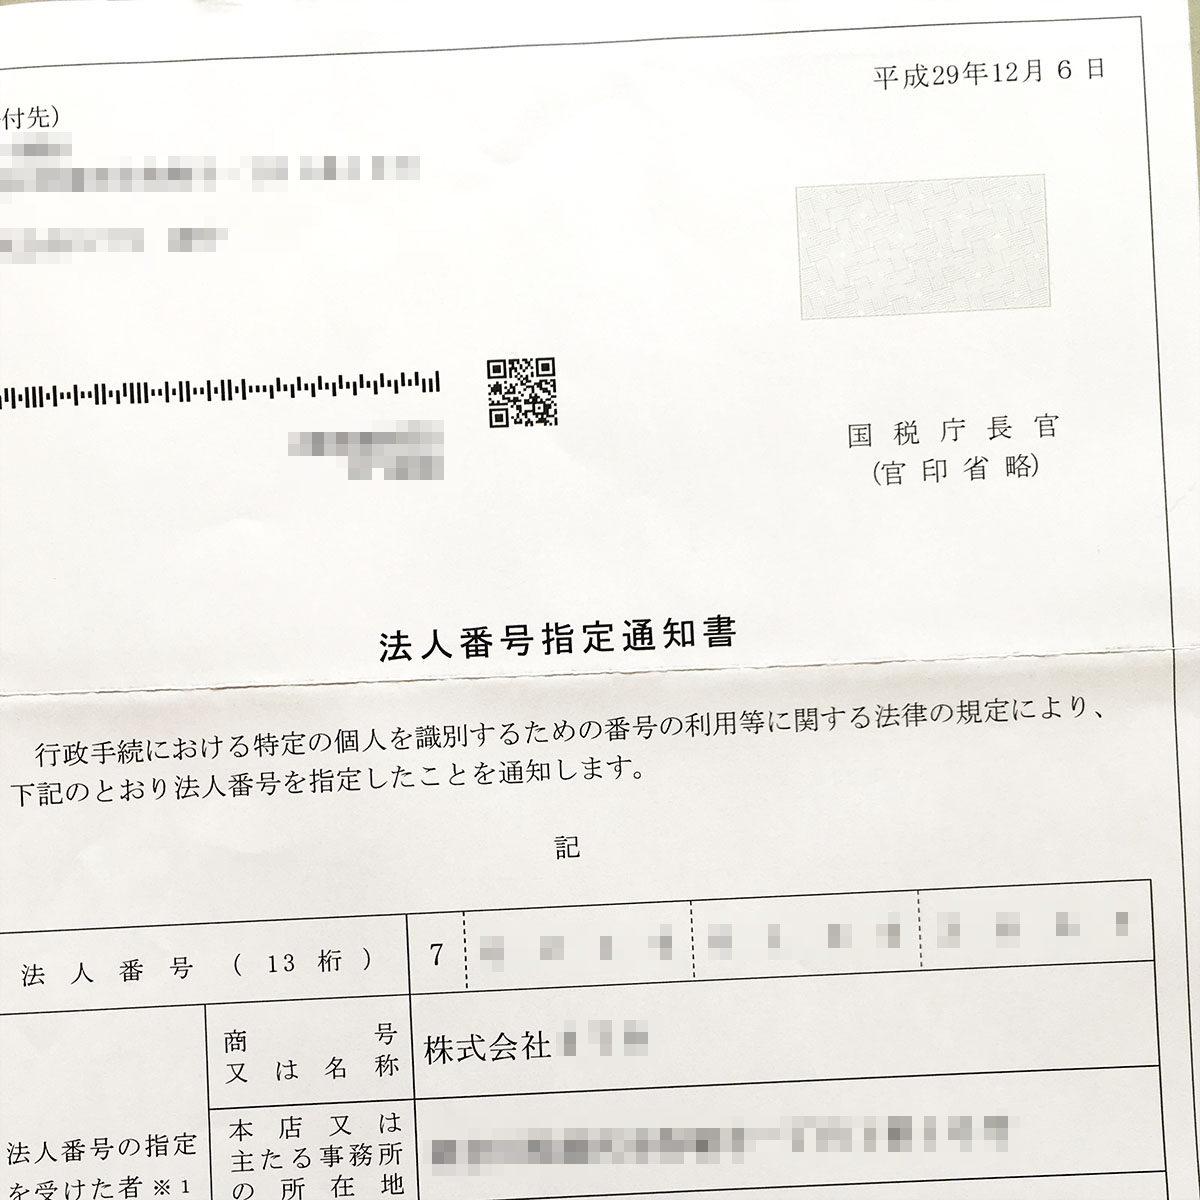 株式会社設立(9)「株式会社設立登記申請その2」